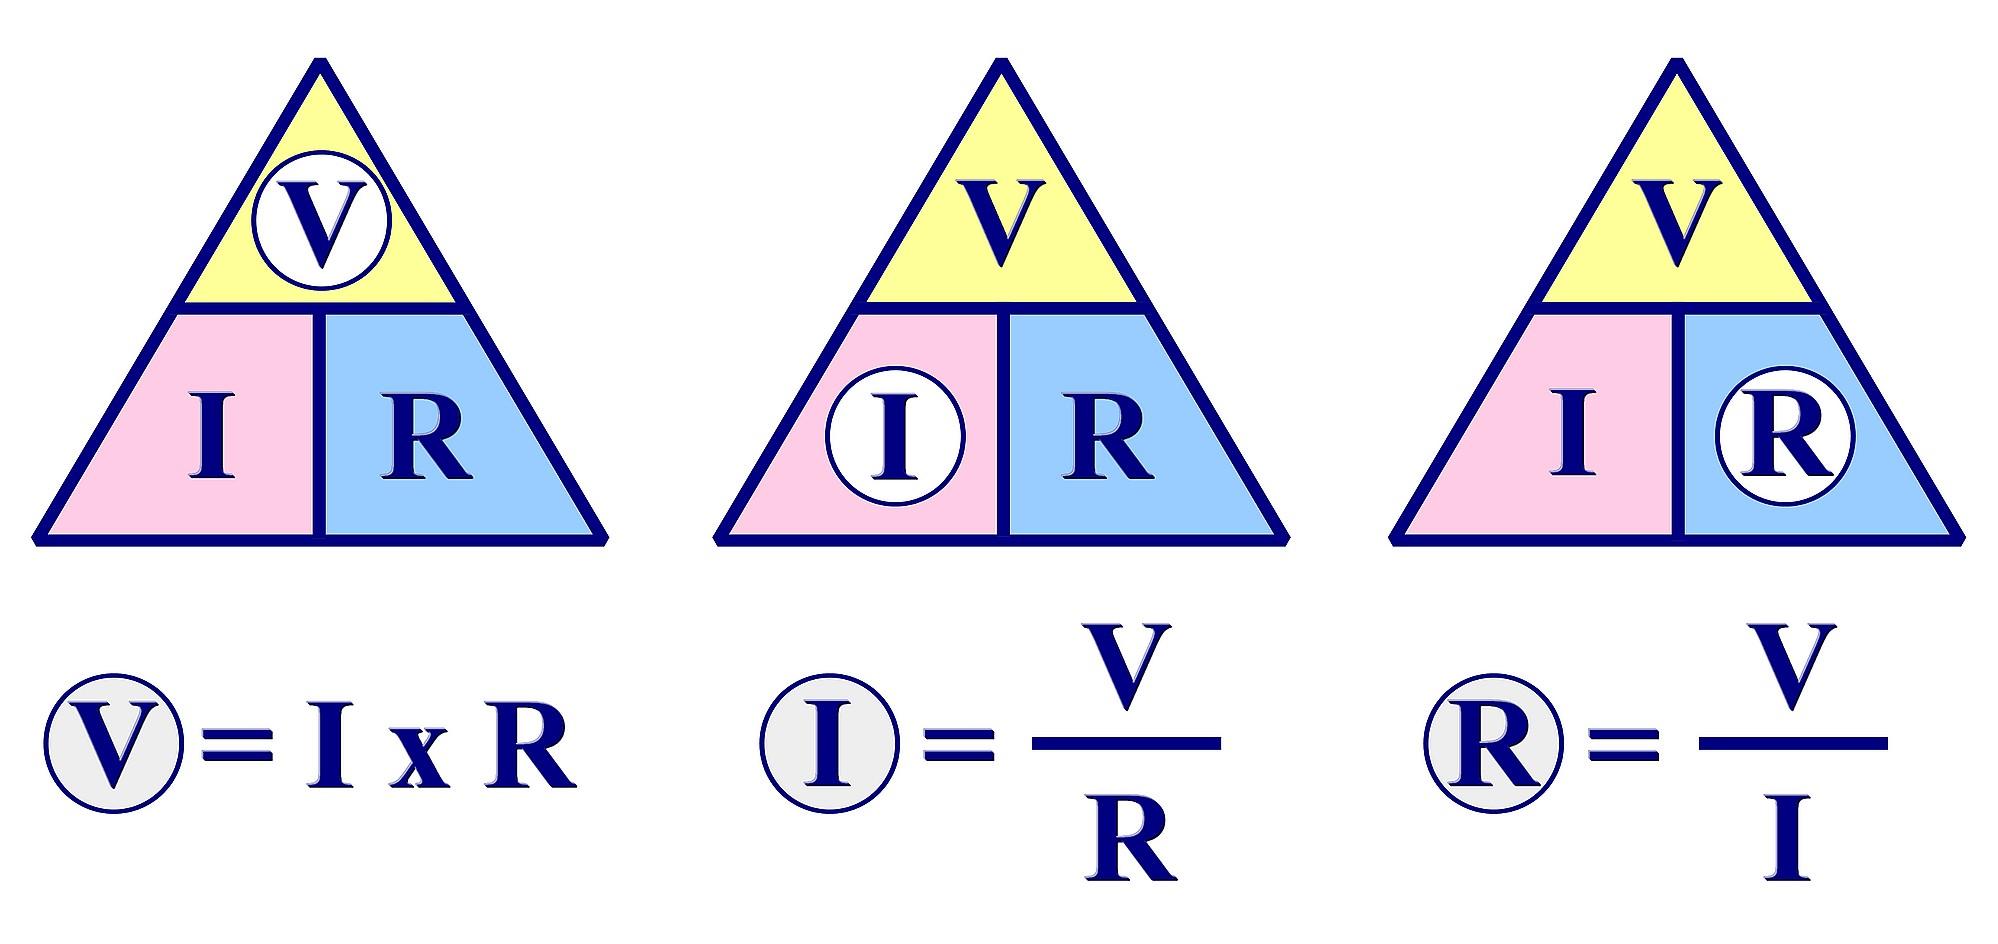 Figura 3: triangolo magico per la determinazione dei valori della tensione, della corrente e della resistenza